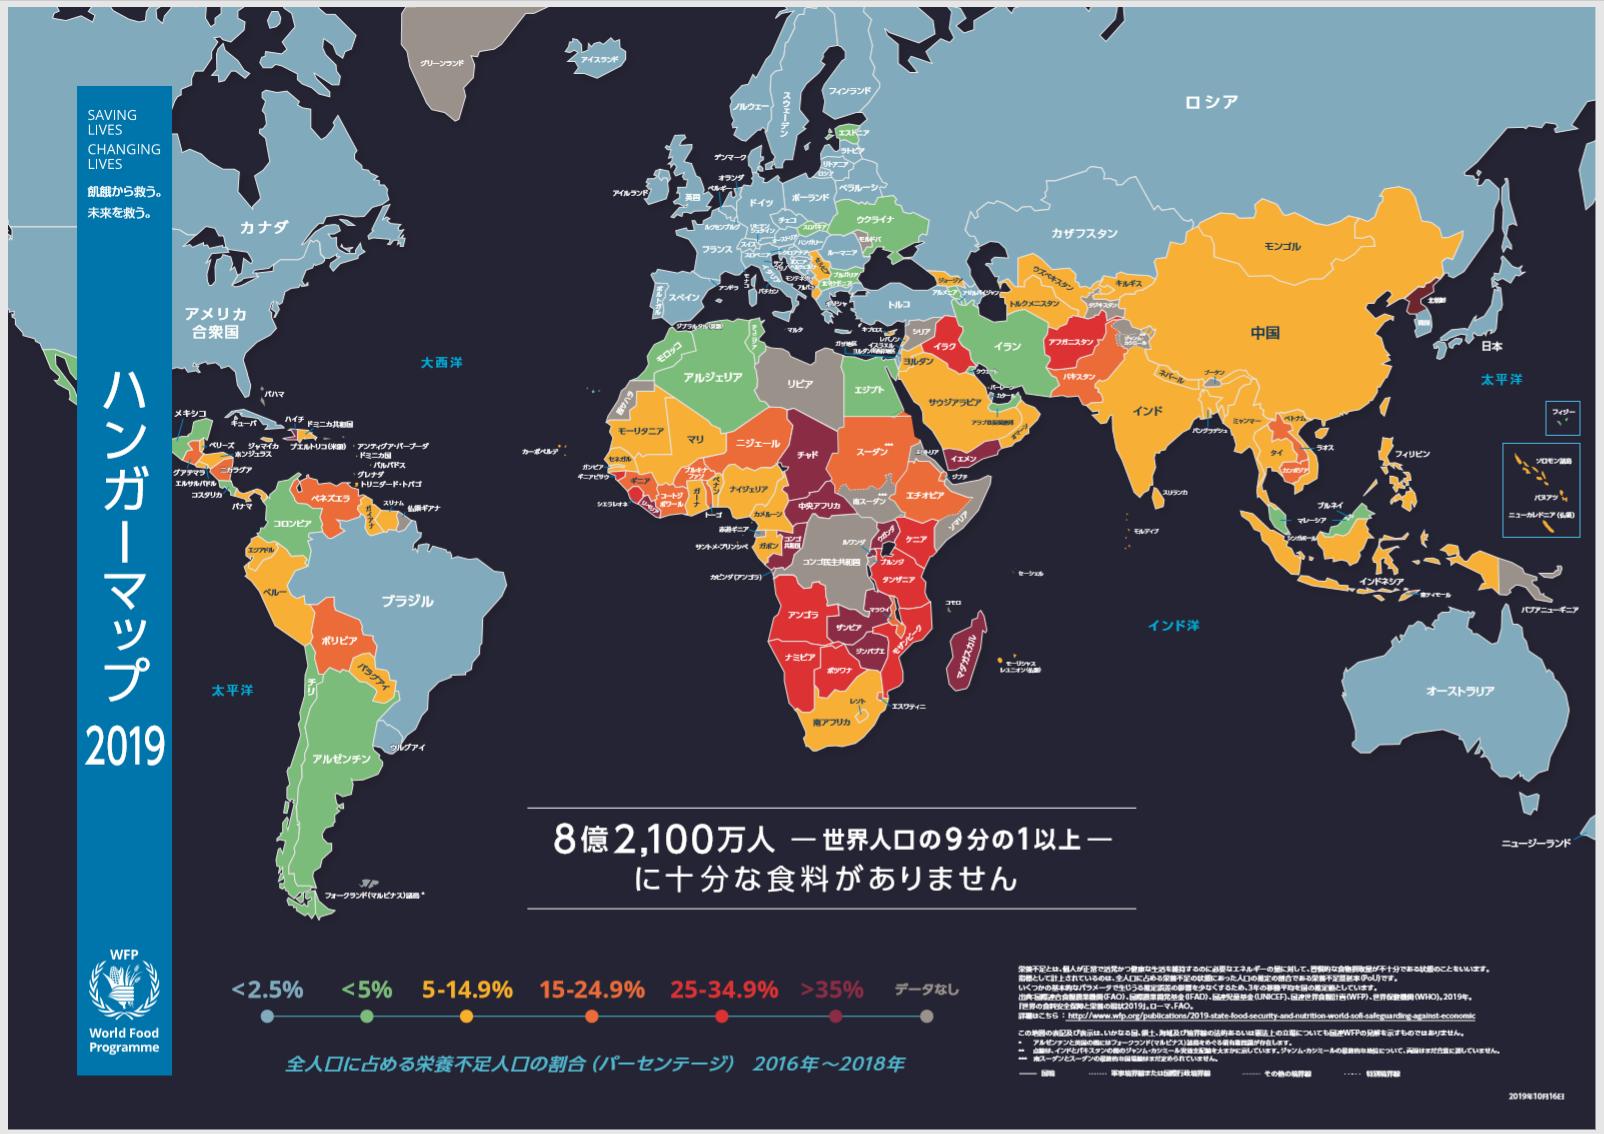 飢饉_HUNGER_MAP